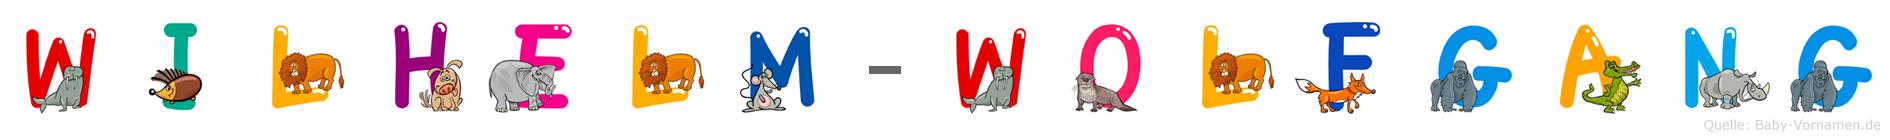 Wilhelm-Wolfgang im Tieralphabet